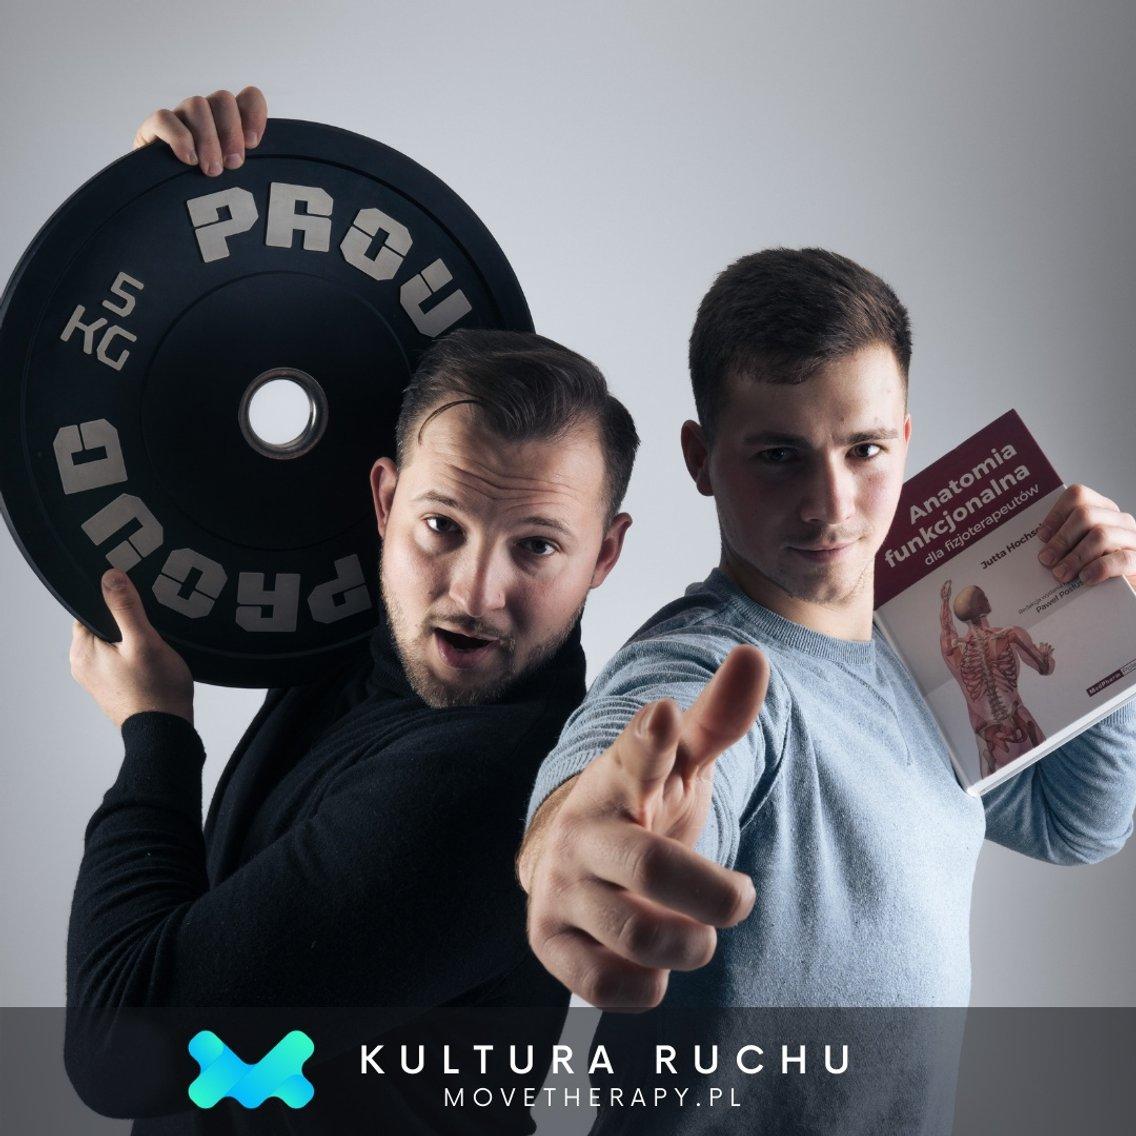 Kultura Ruchu - immagine di copertina